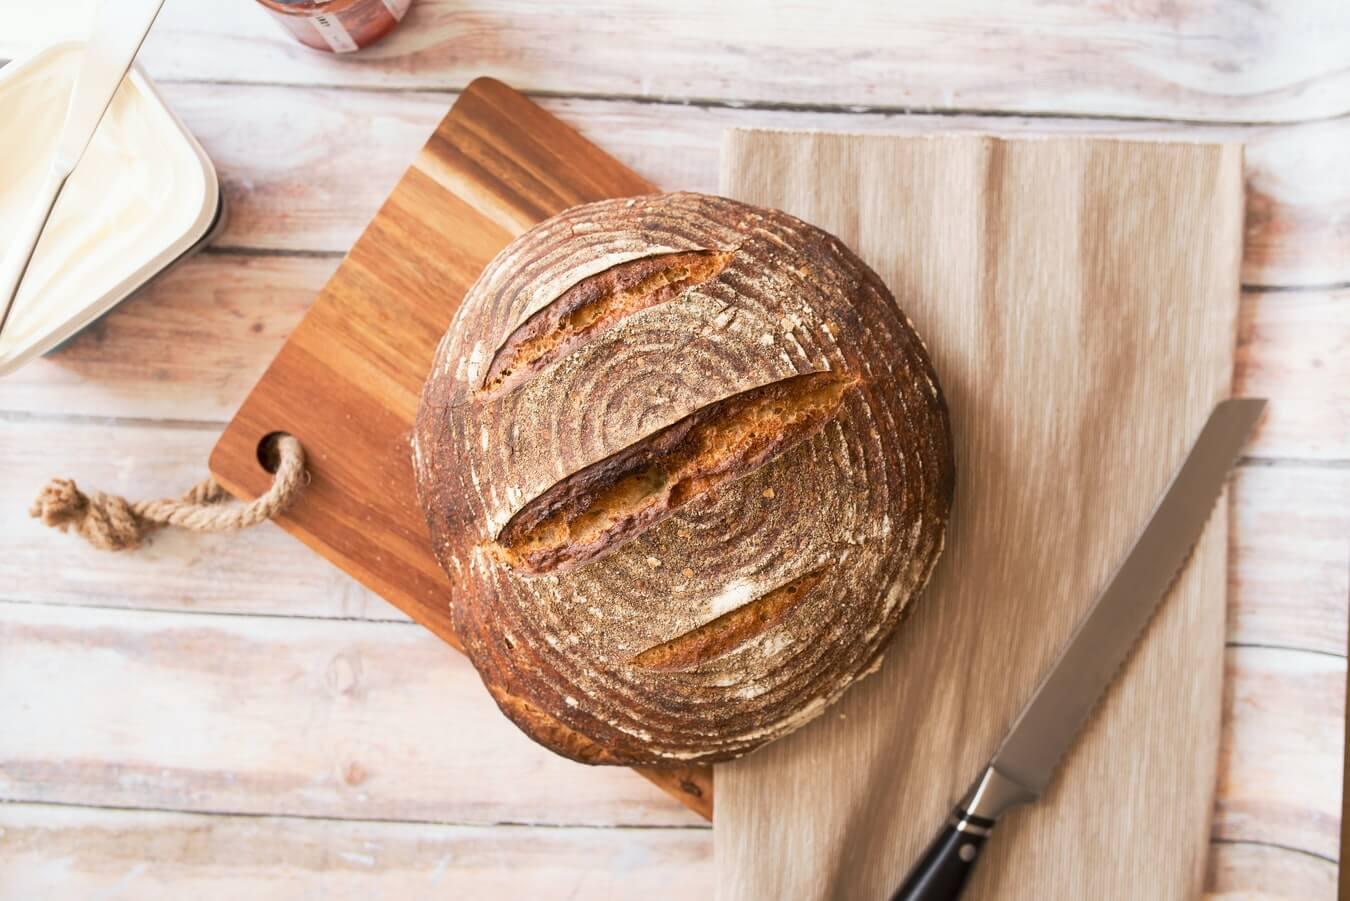 Sült kenyér füstölt sajttal és lekvárral